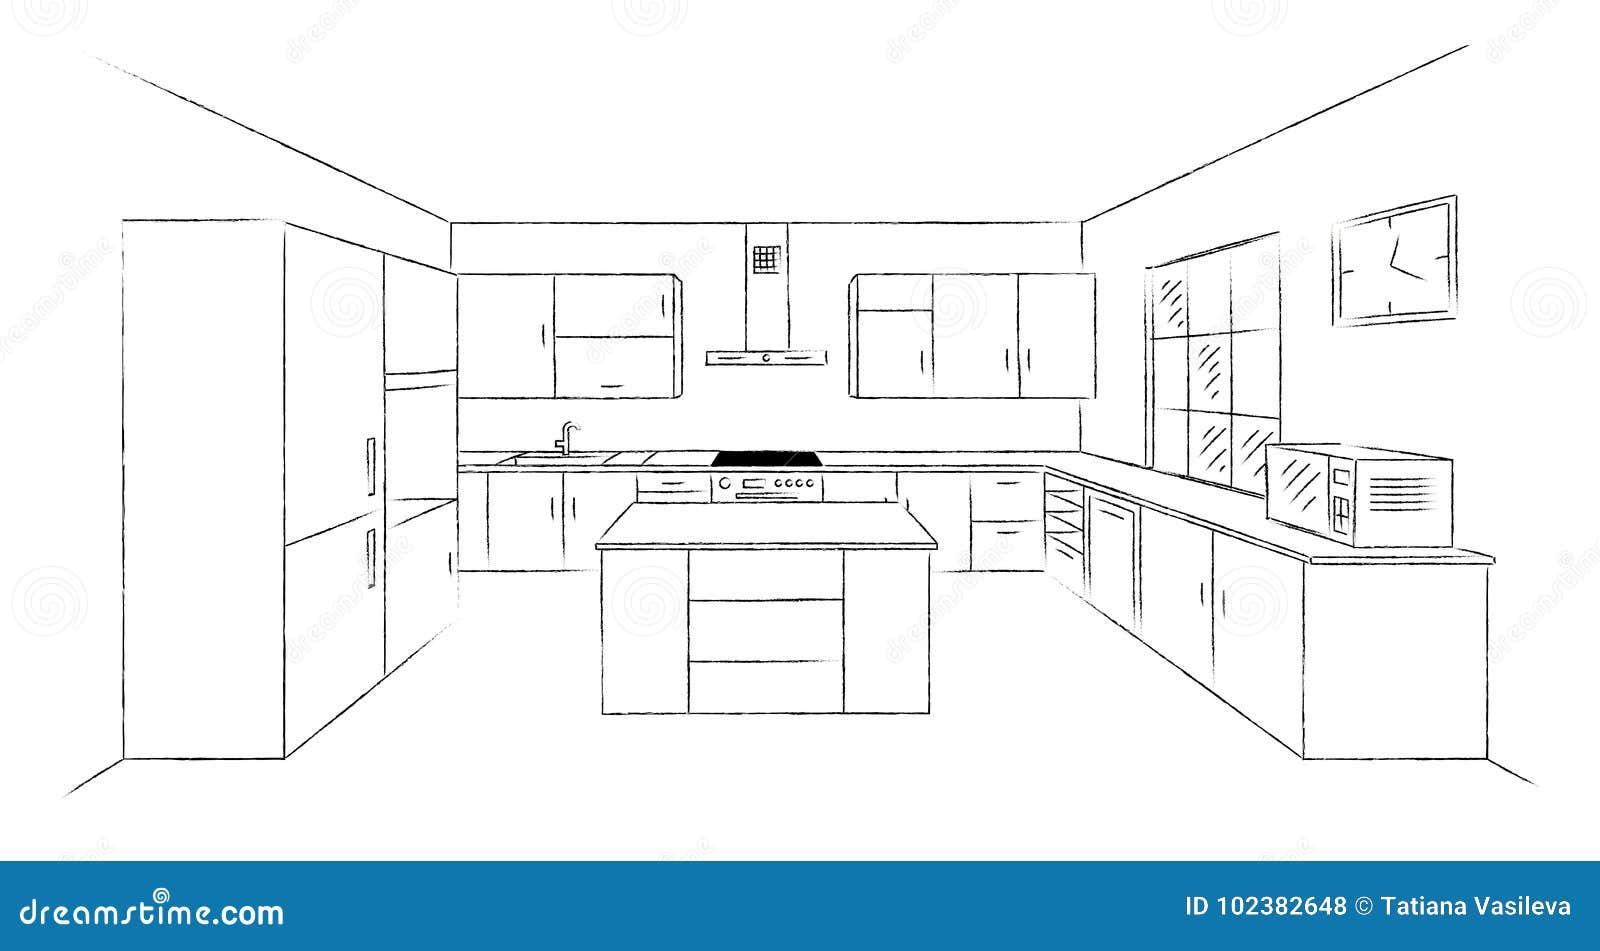 Schizzo 3d della cucina illustrazione vettoriale for Cucina in 3d